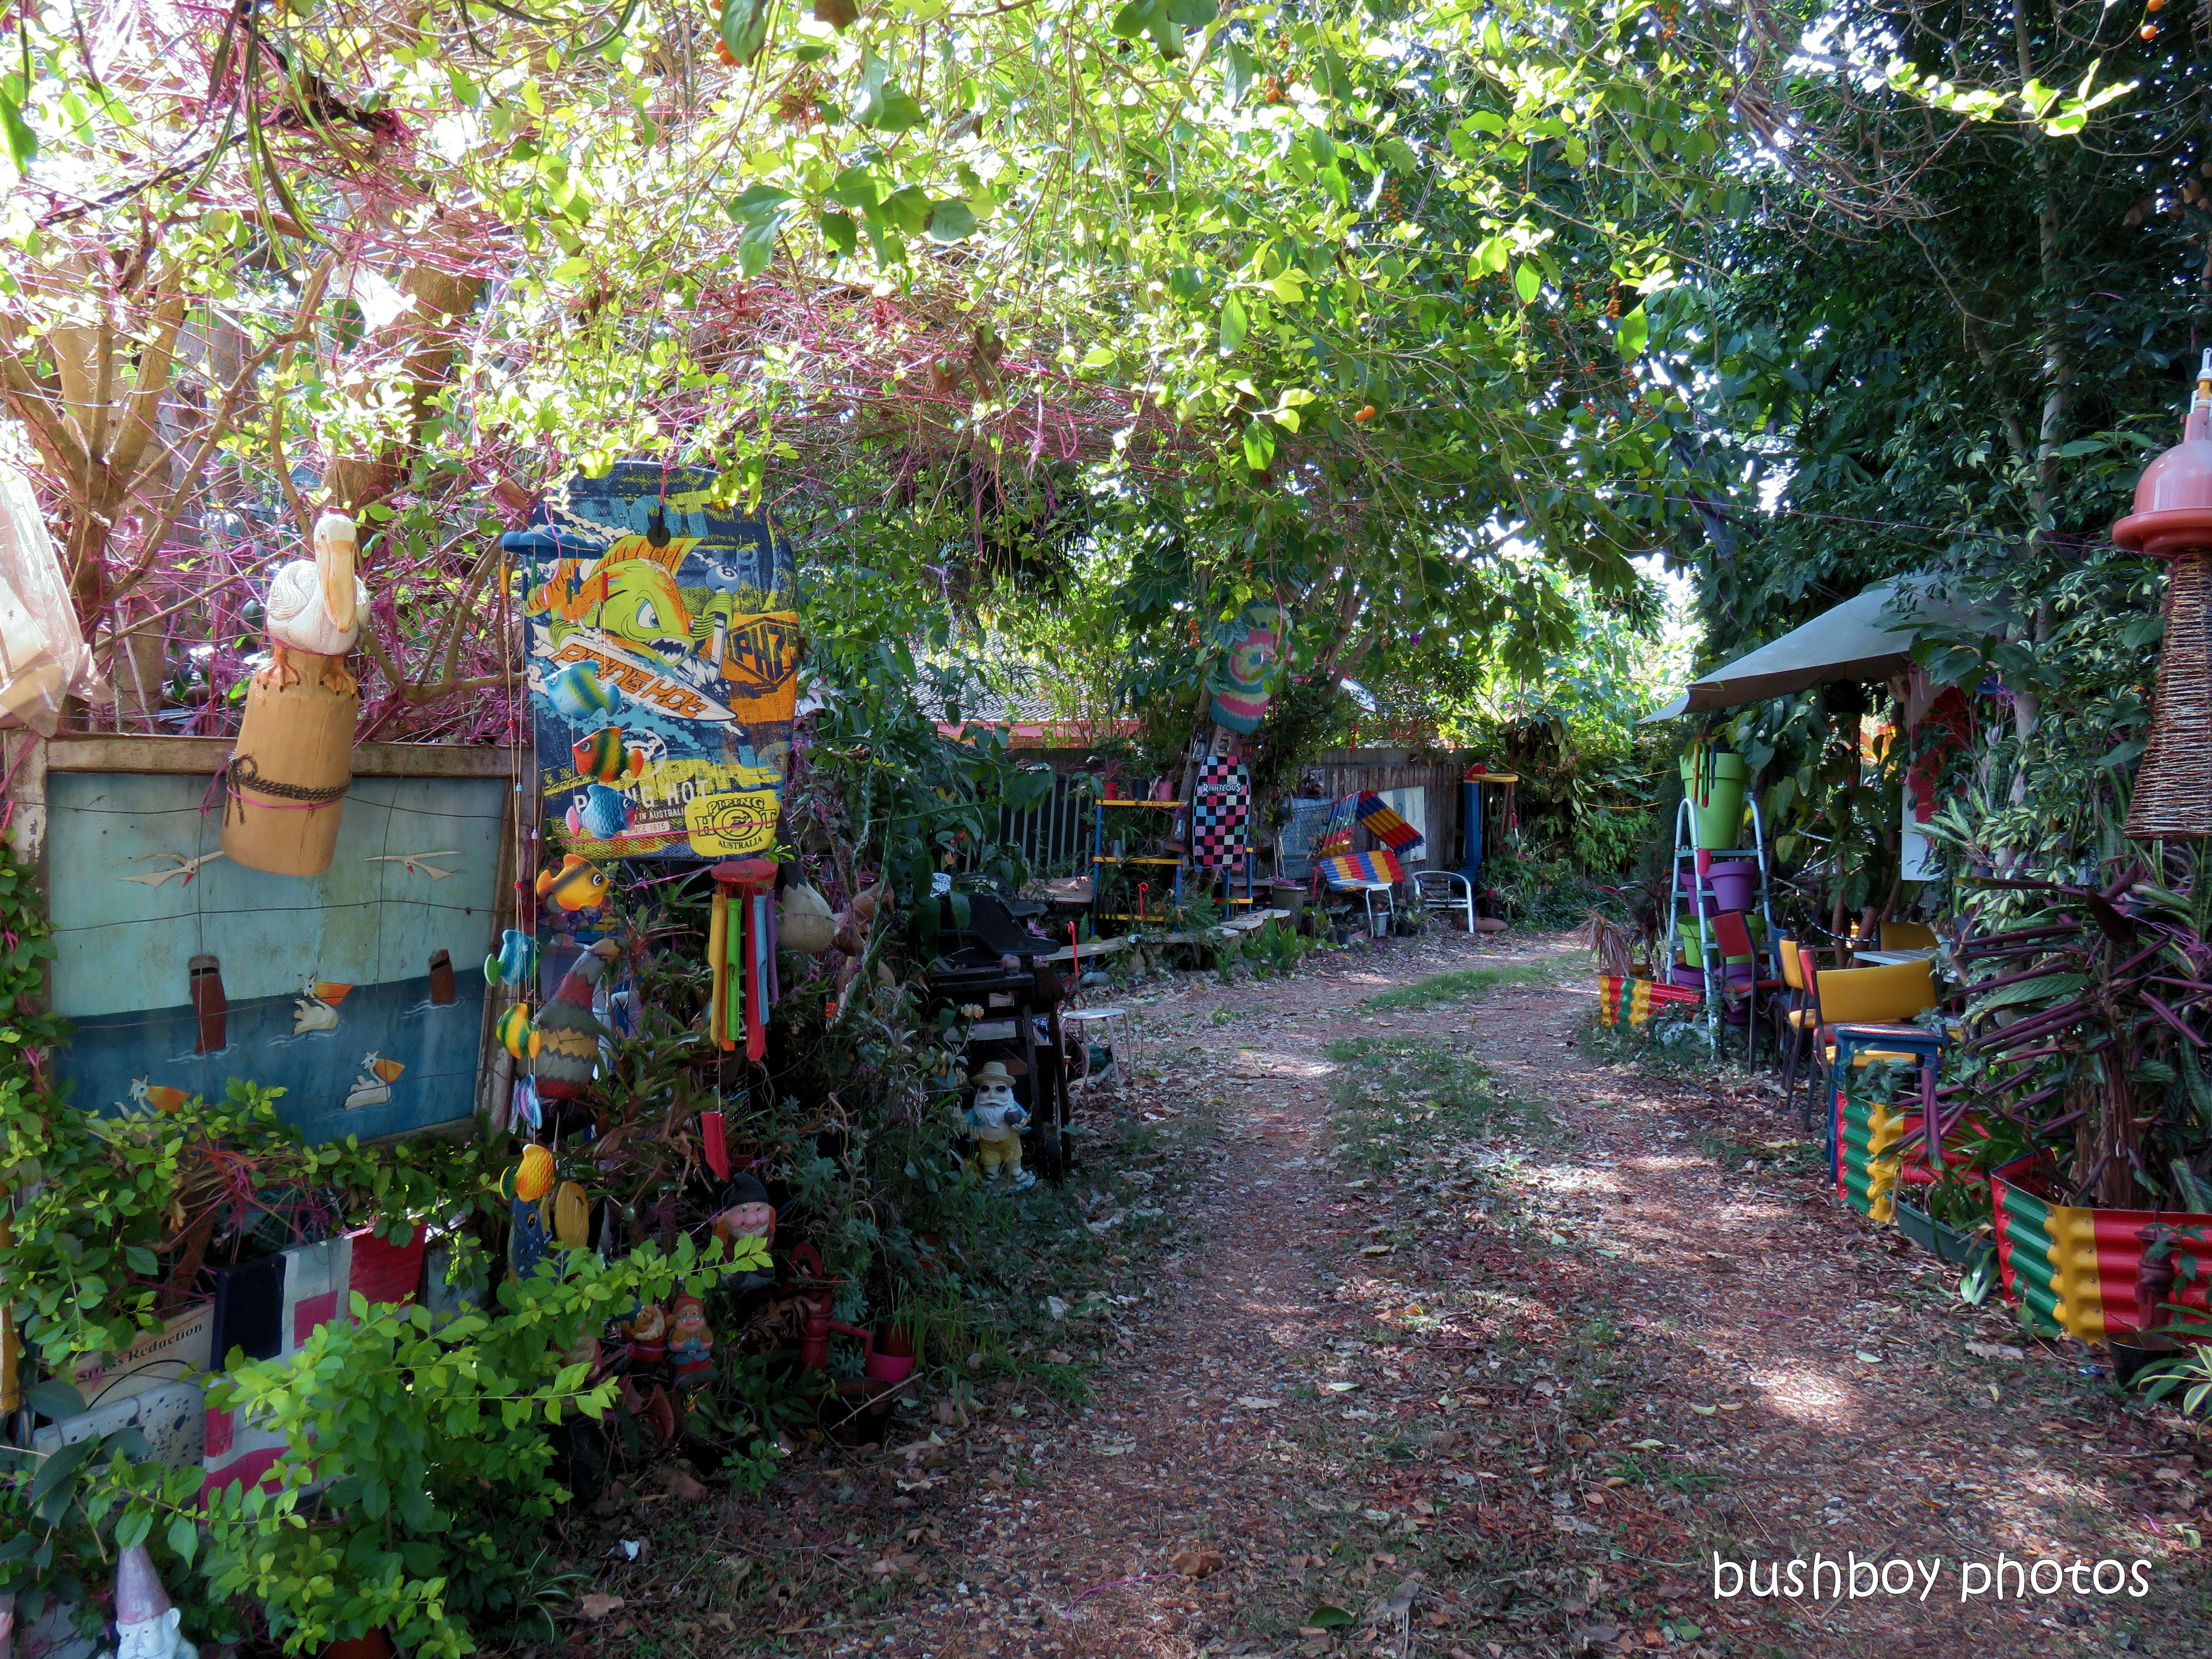 190617_blog_challenge_which_way_alstonville_garden2